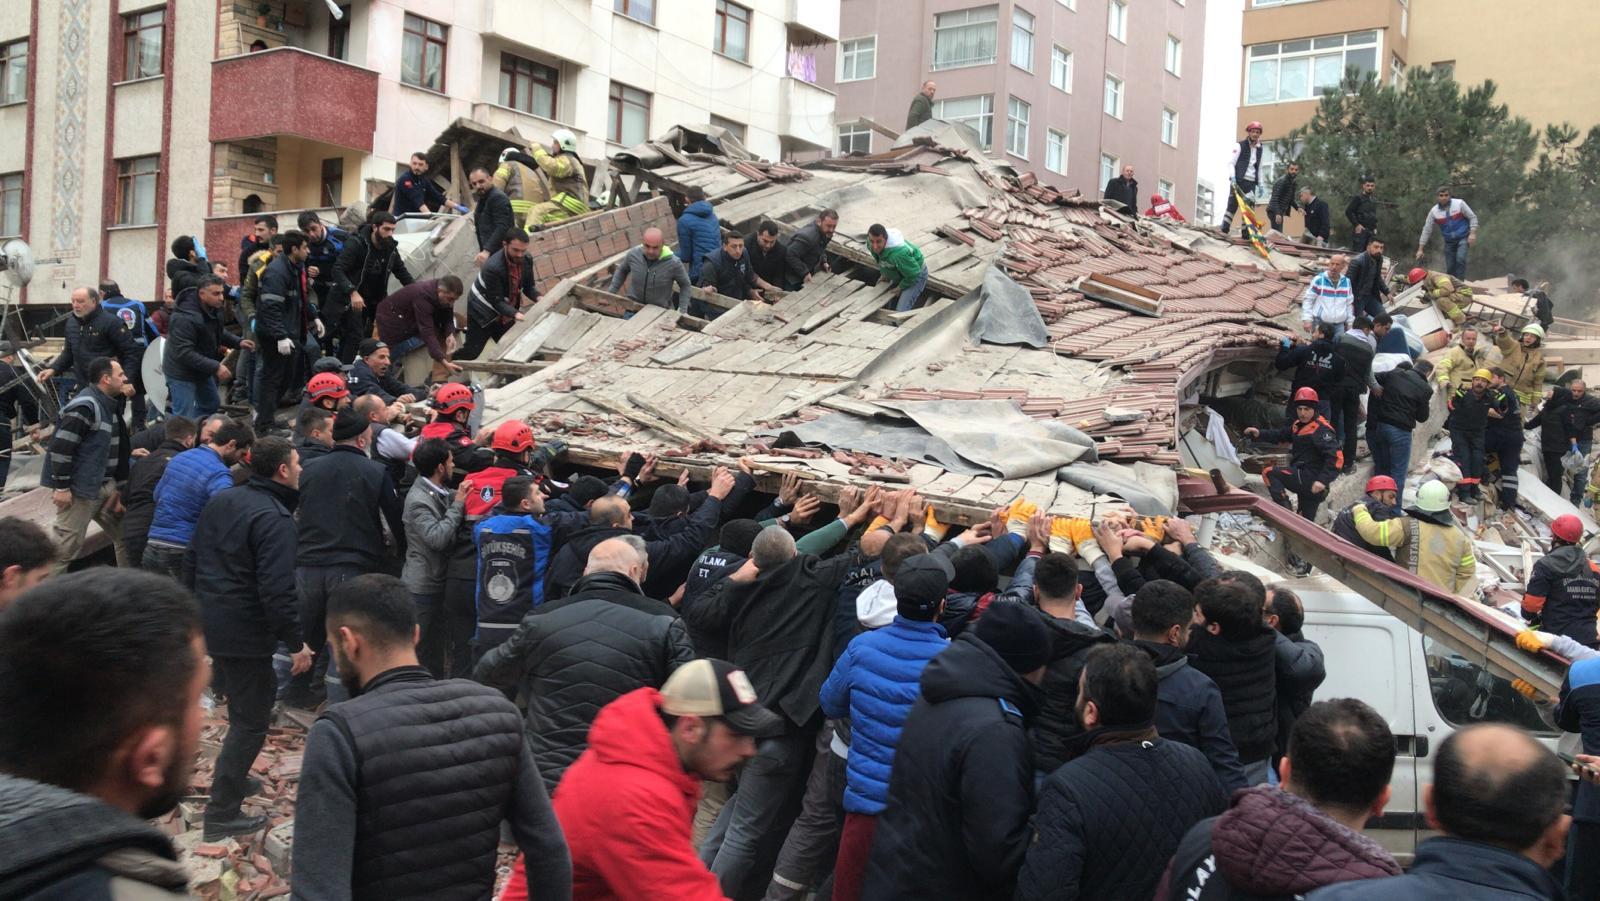 İstanbul'da çöken 7 katlı binadan kurtarma çalışmaları 1